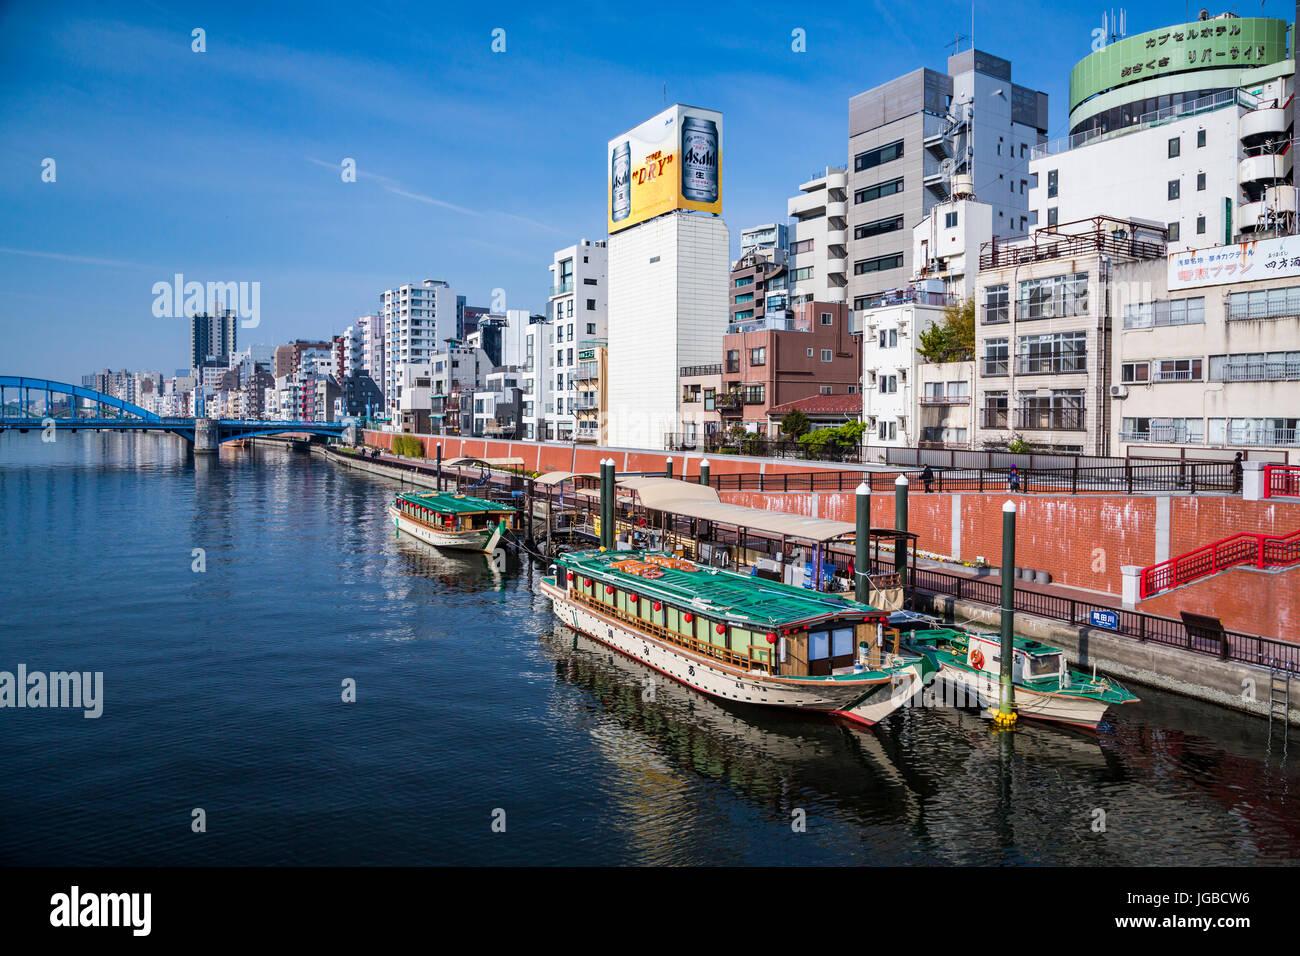 Reflexiones de botes en el Río Sumida en Asakusa, Tokio, Japón. Imagen De Stock